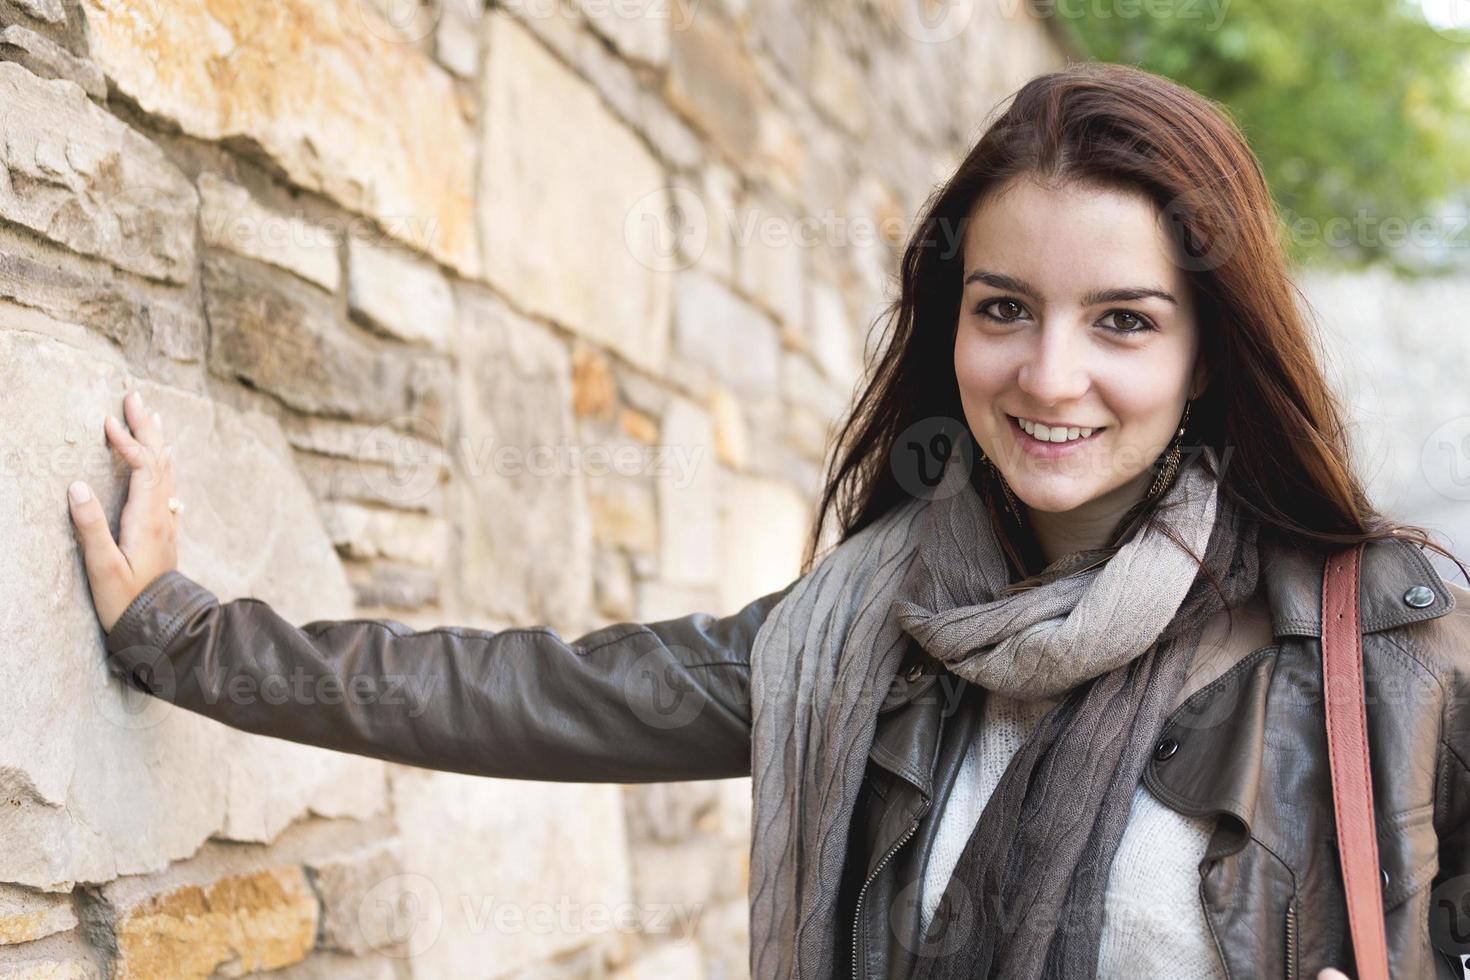 Teenager-Handtasche foto